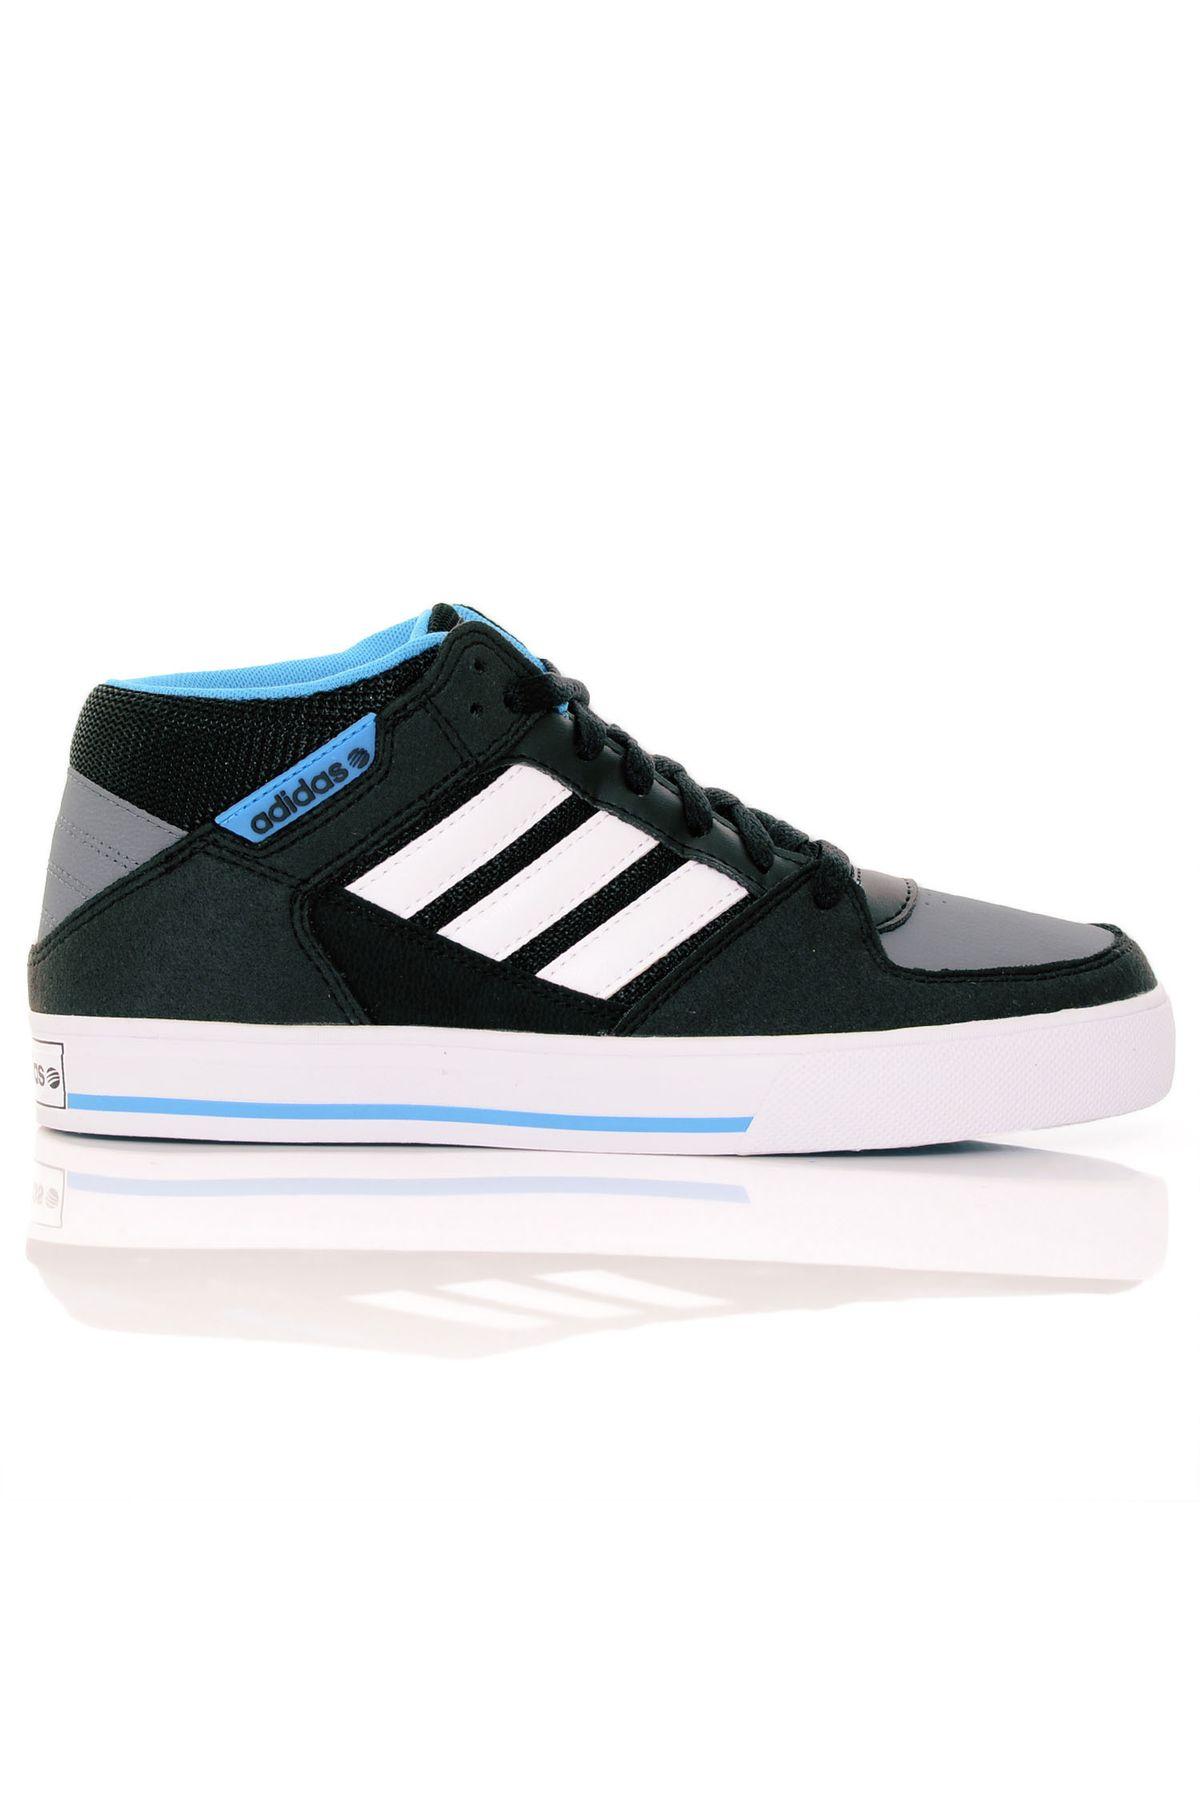 d62e6e9247 Tênis Adidas Skneo Grinder